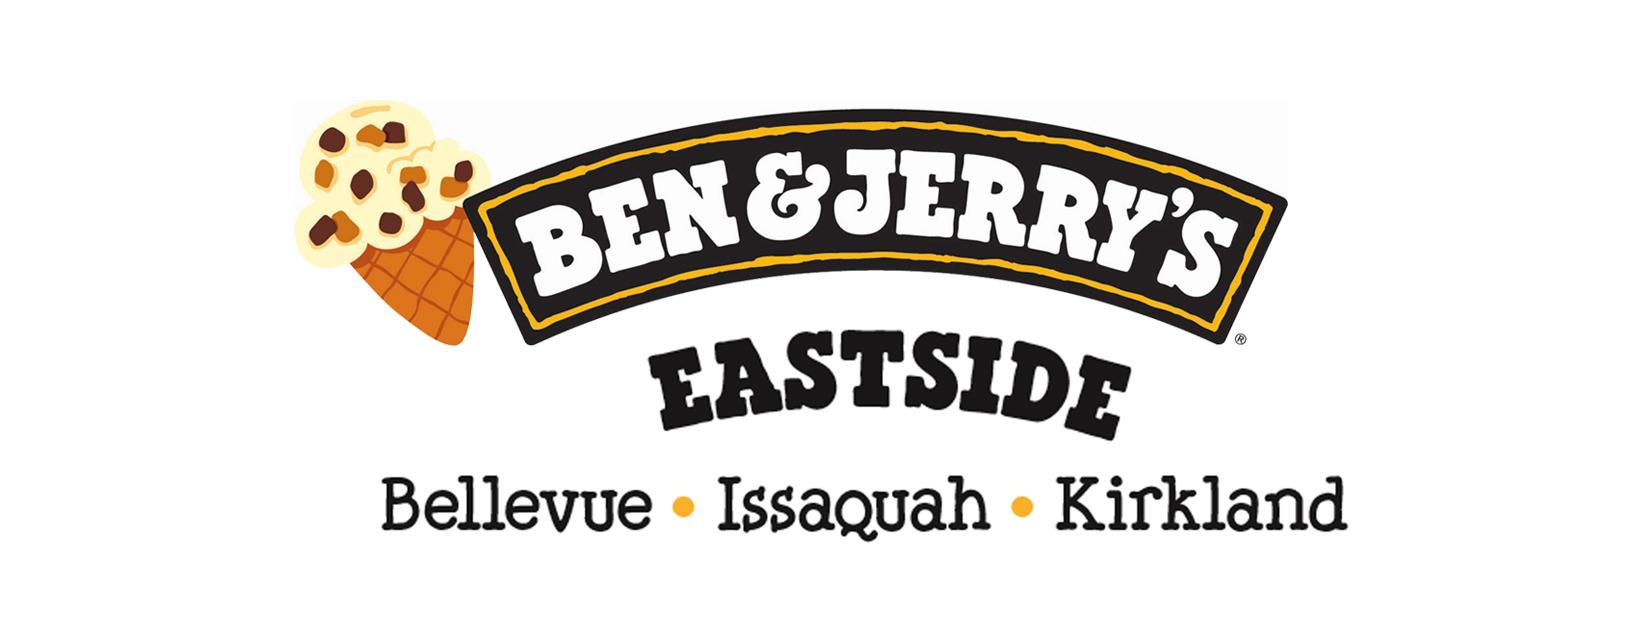 Eastside Cover Photo.jpg